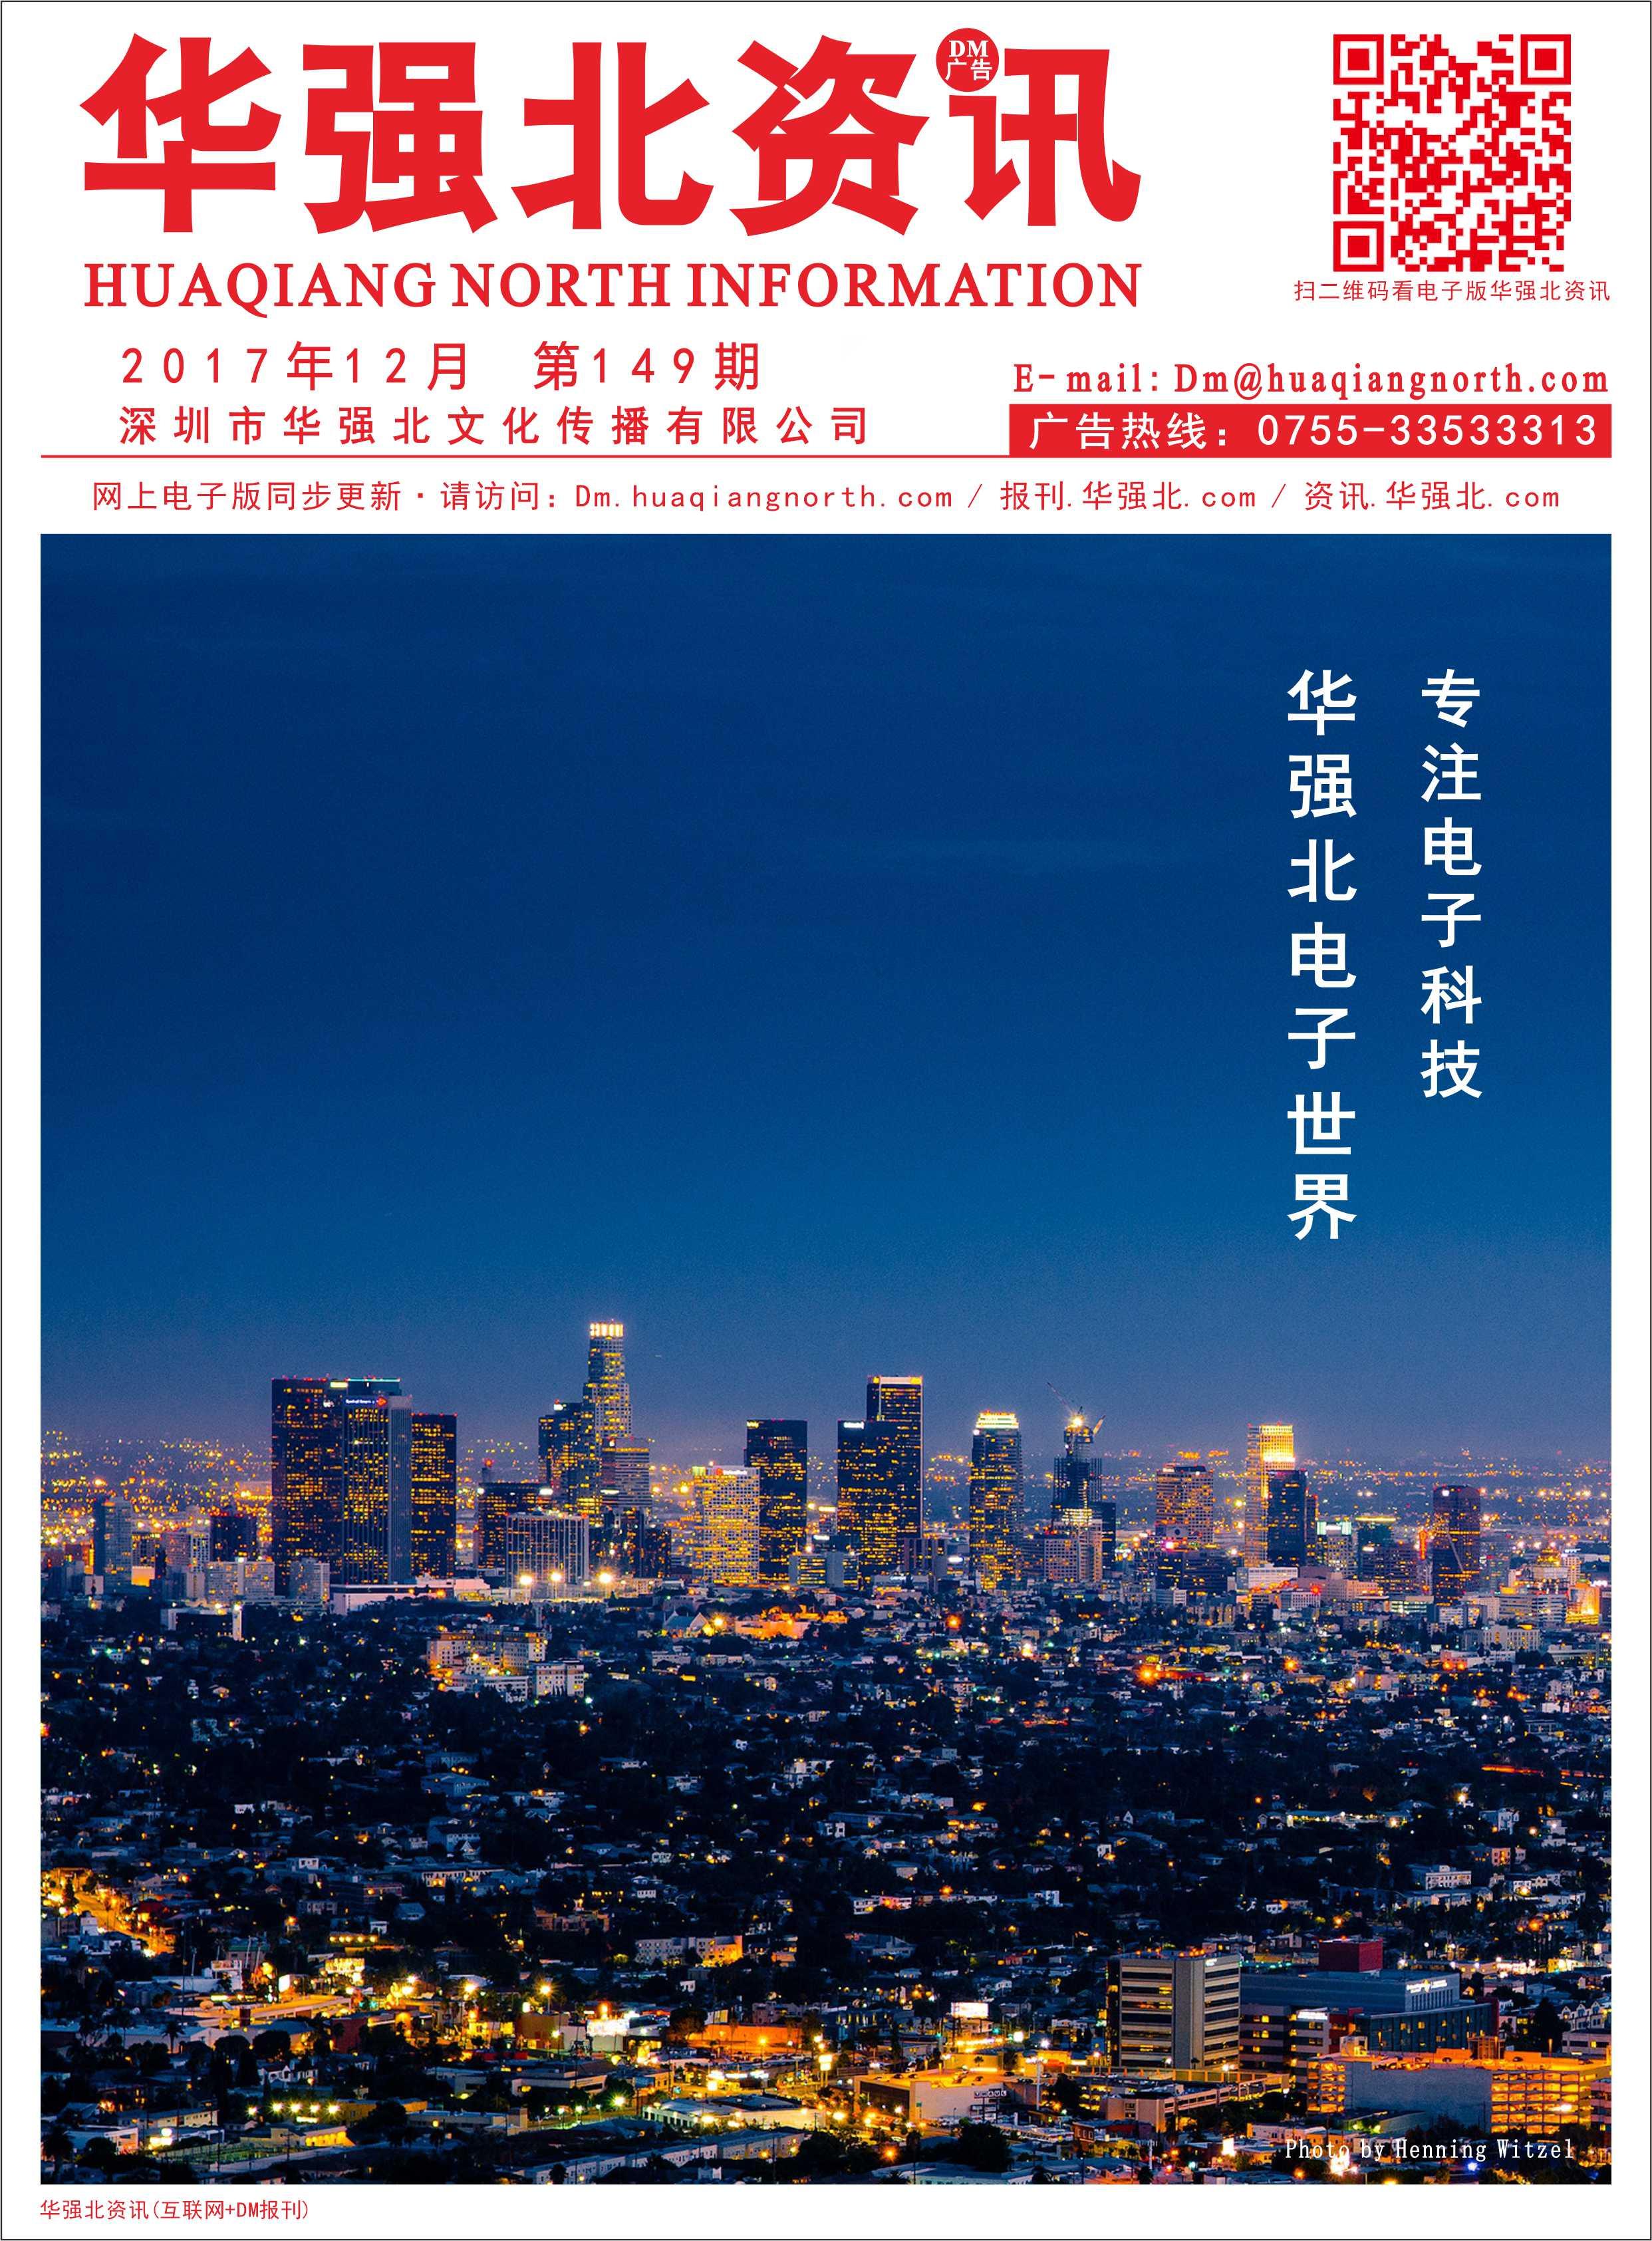 华强北资讯第149期